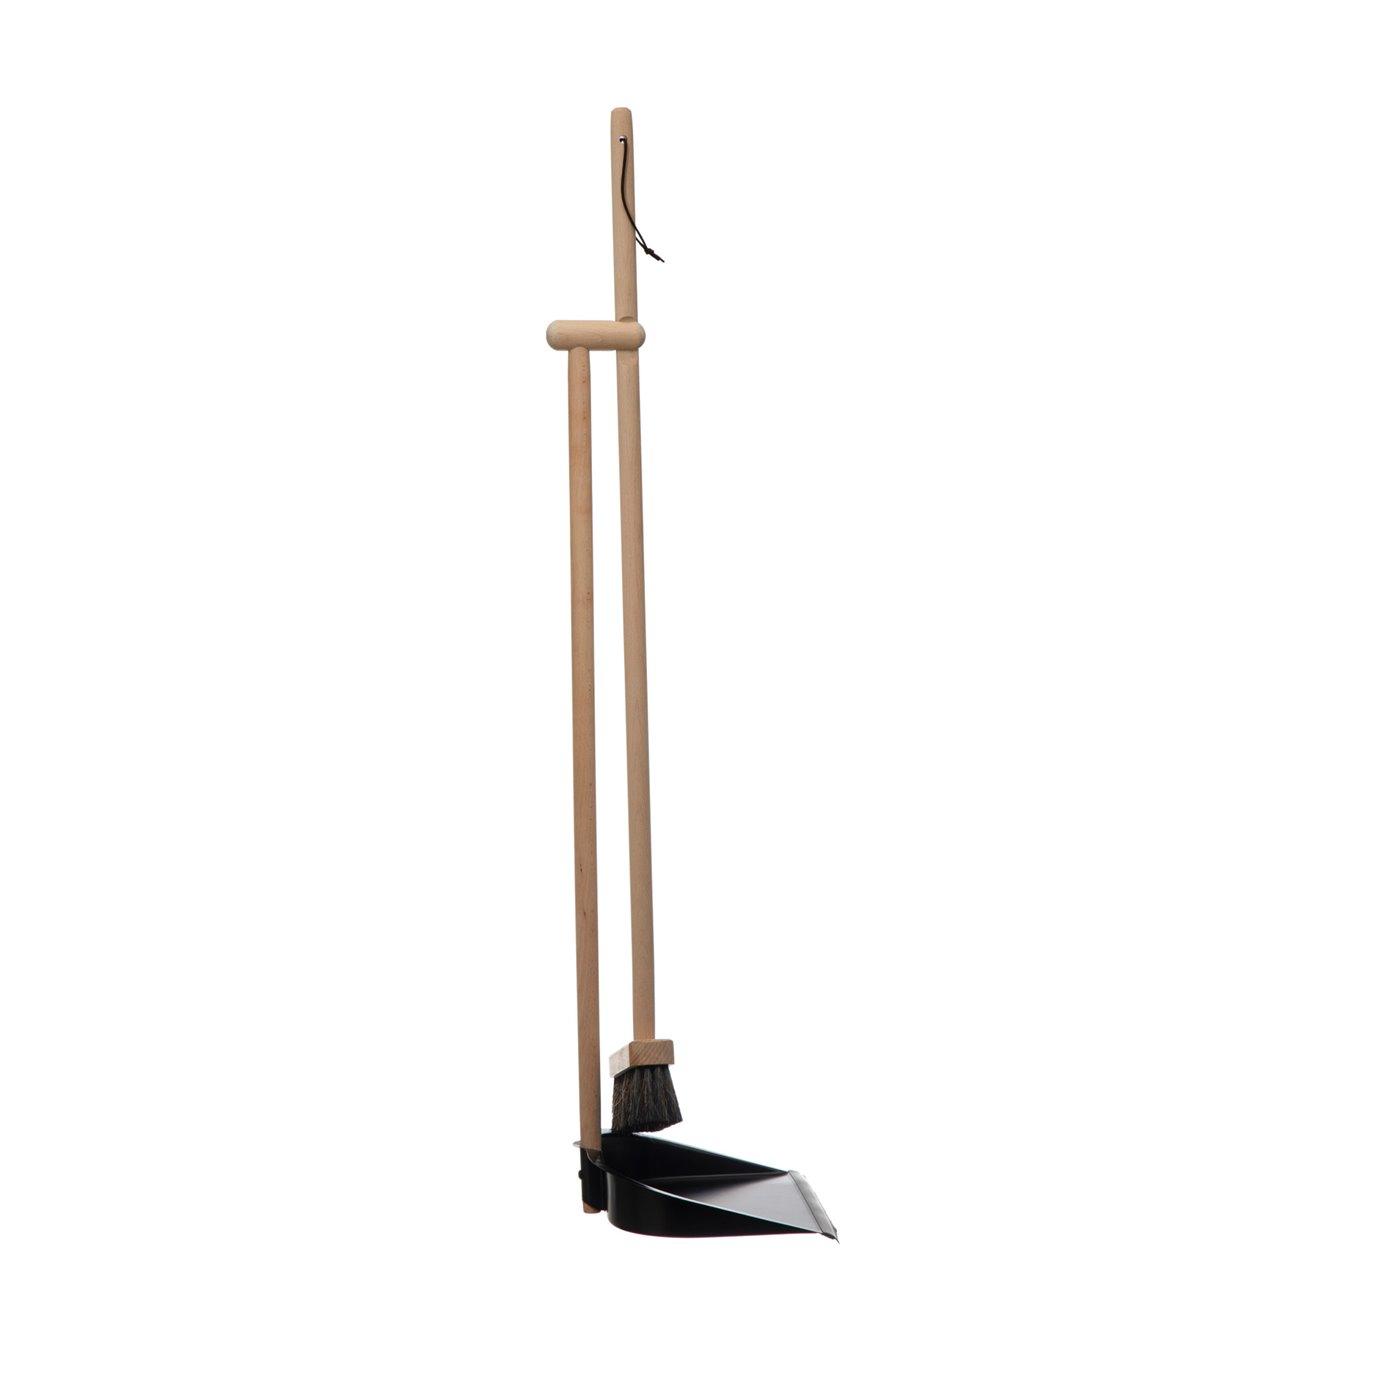 Beech Wood Broom & Standing Metal Dust Pan, Natural & Black, Set of 2